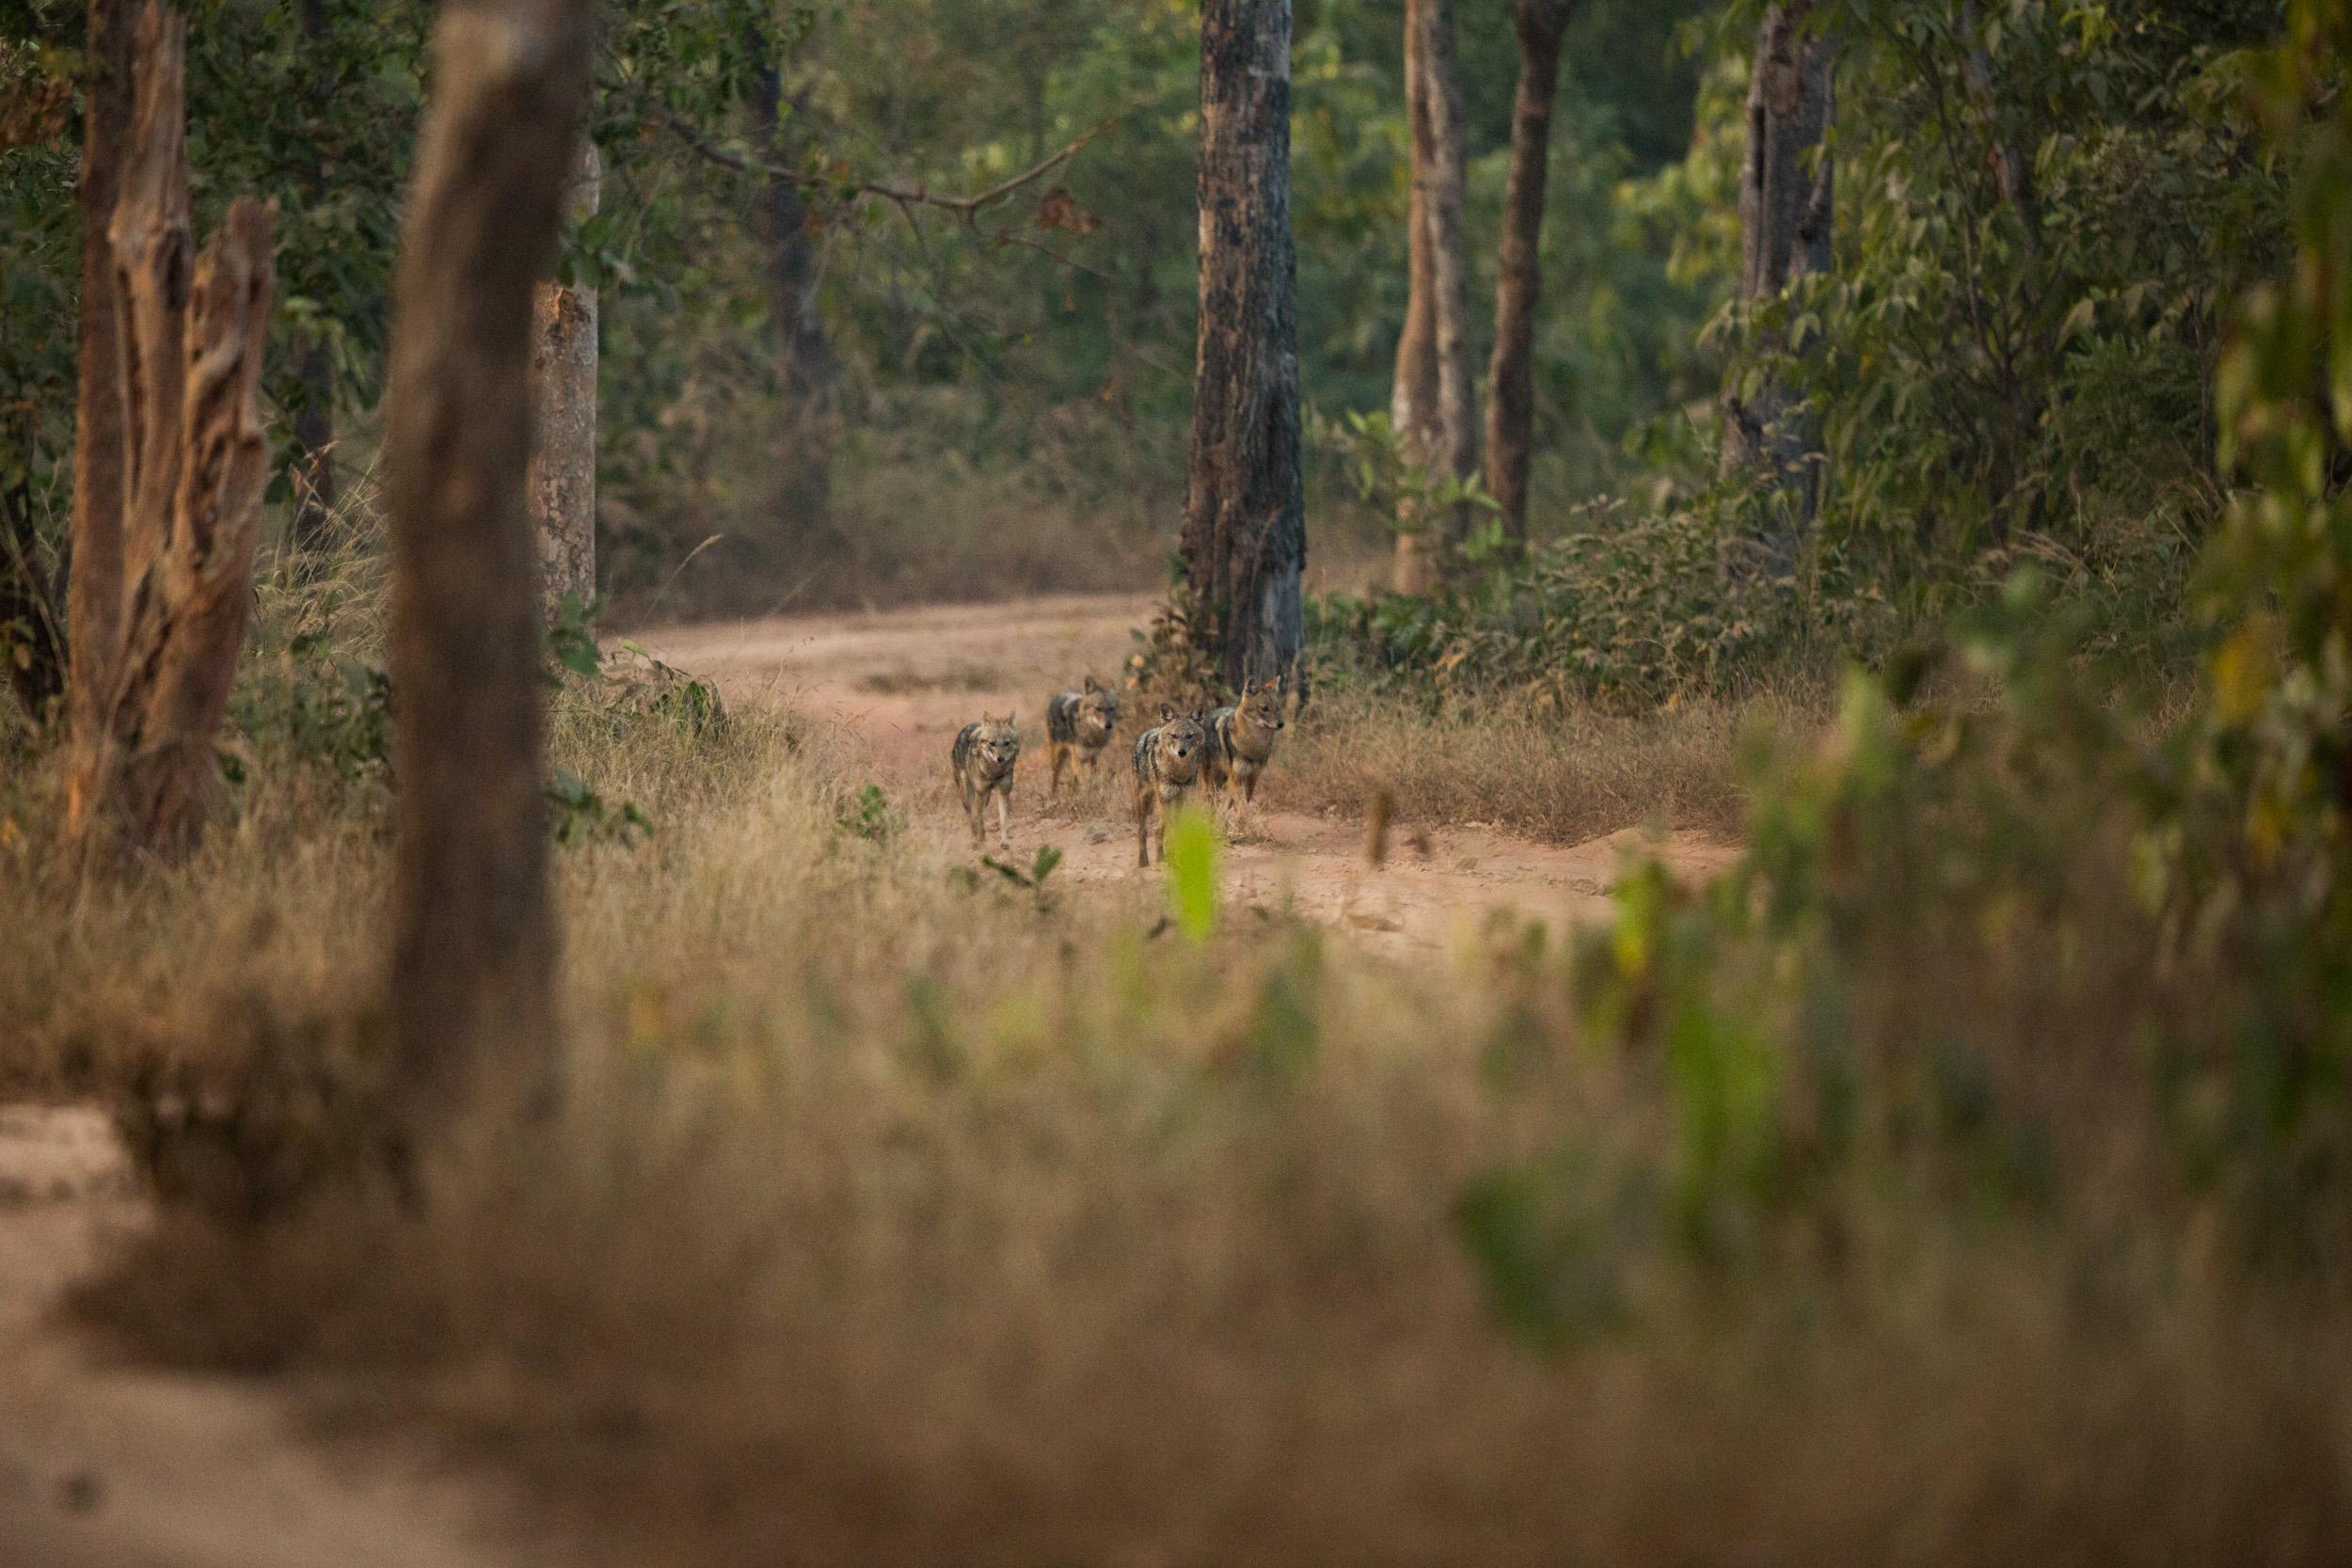 Golden jackals (Canis aureus). CLICK IMAGE for full screen.